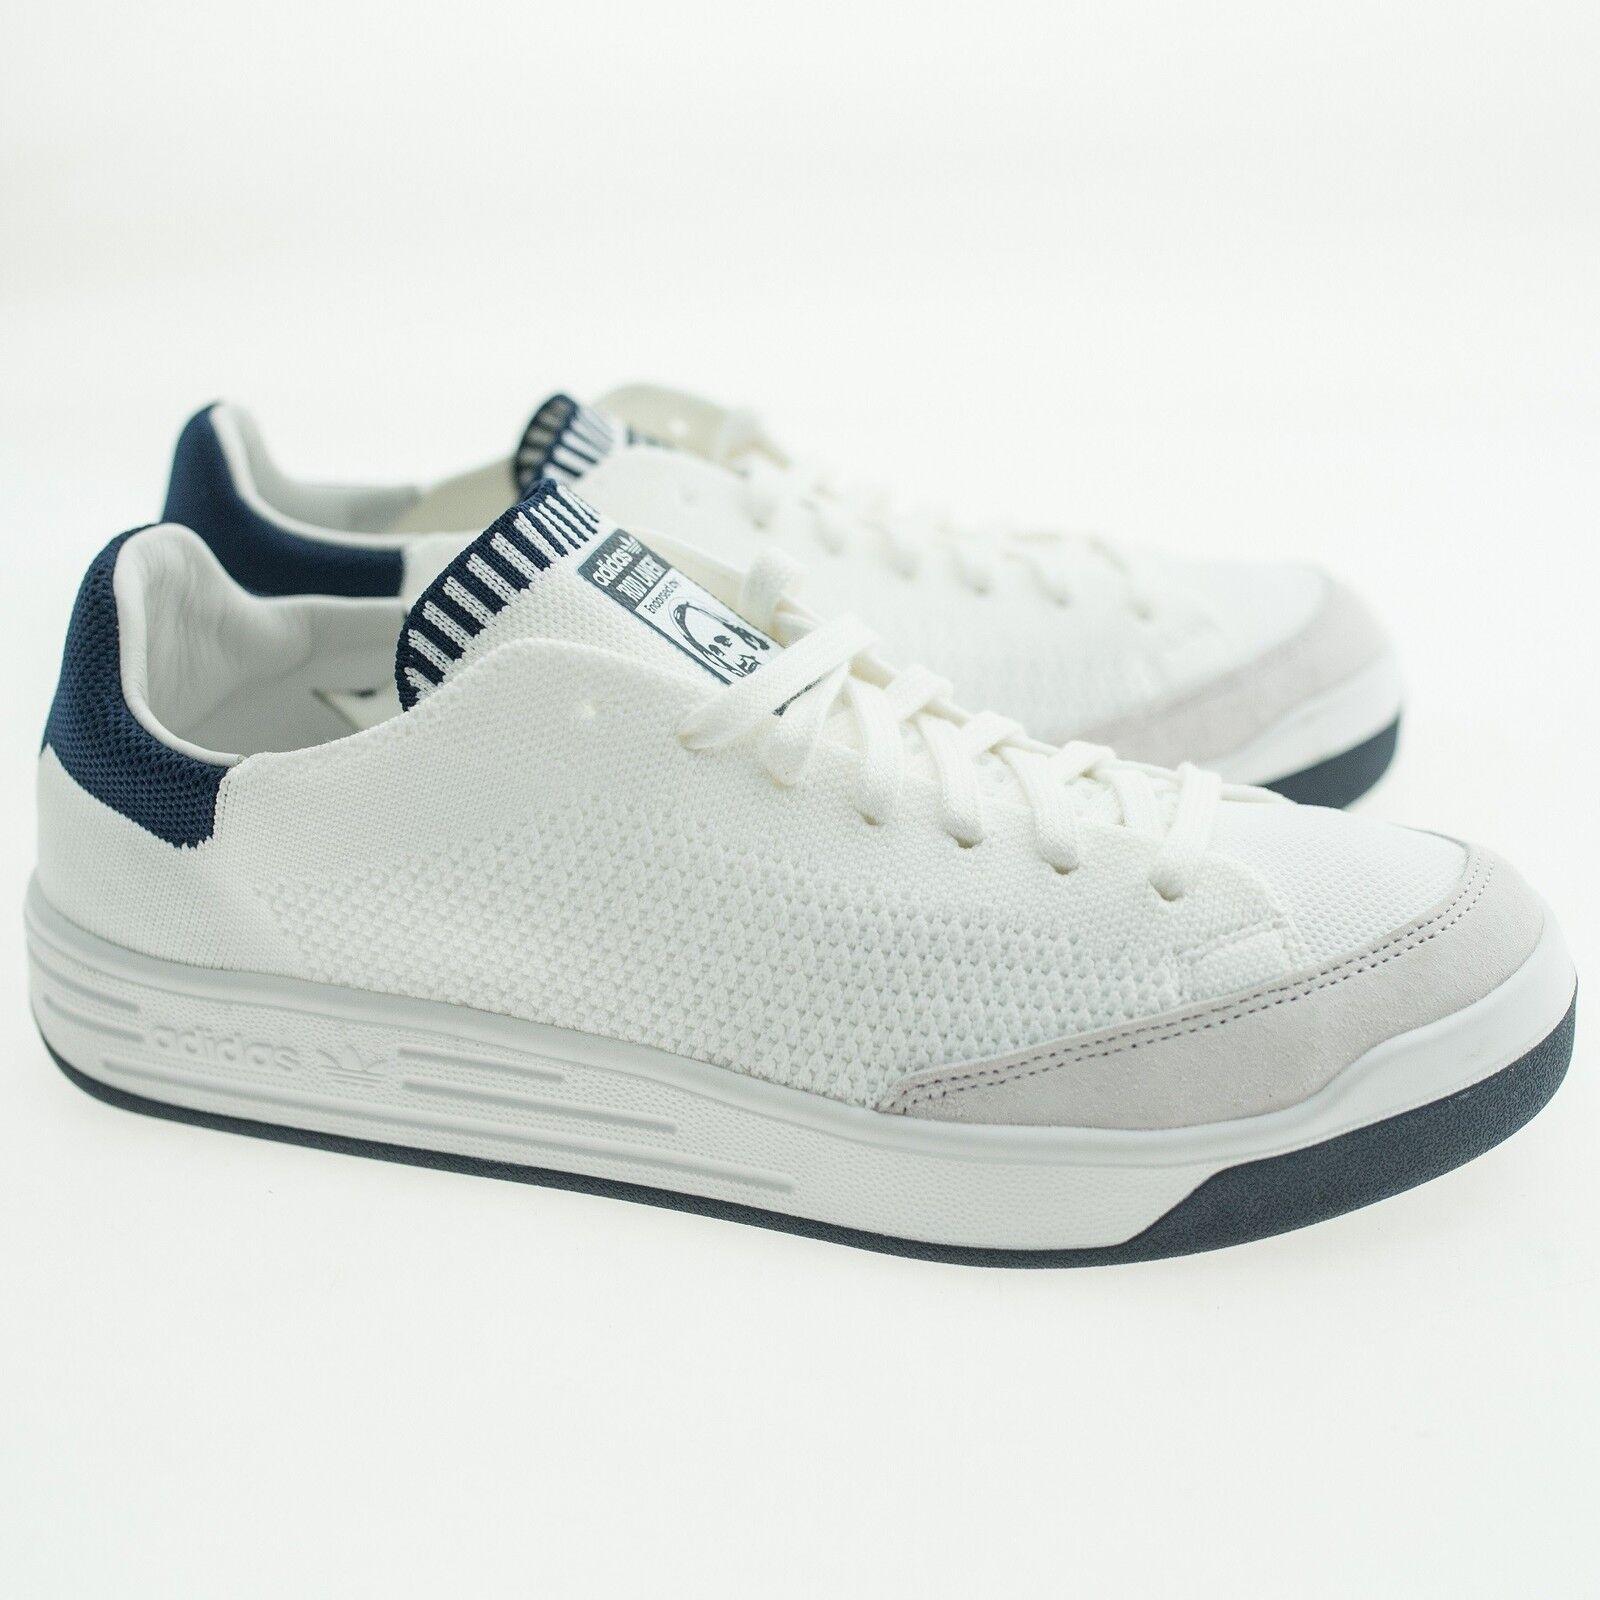 Adidas uomo Rod Laver Super Primeknit (white / footwear white / collegiate navy) Scarpe classiche da uomo